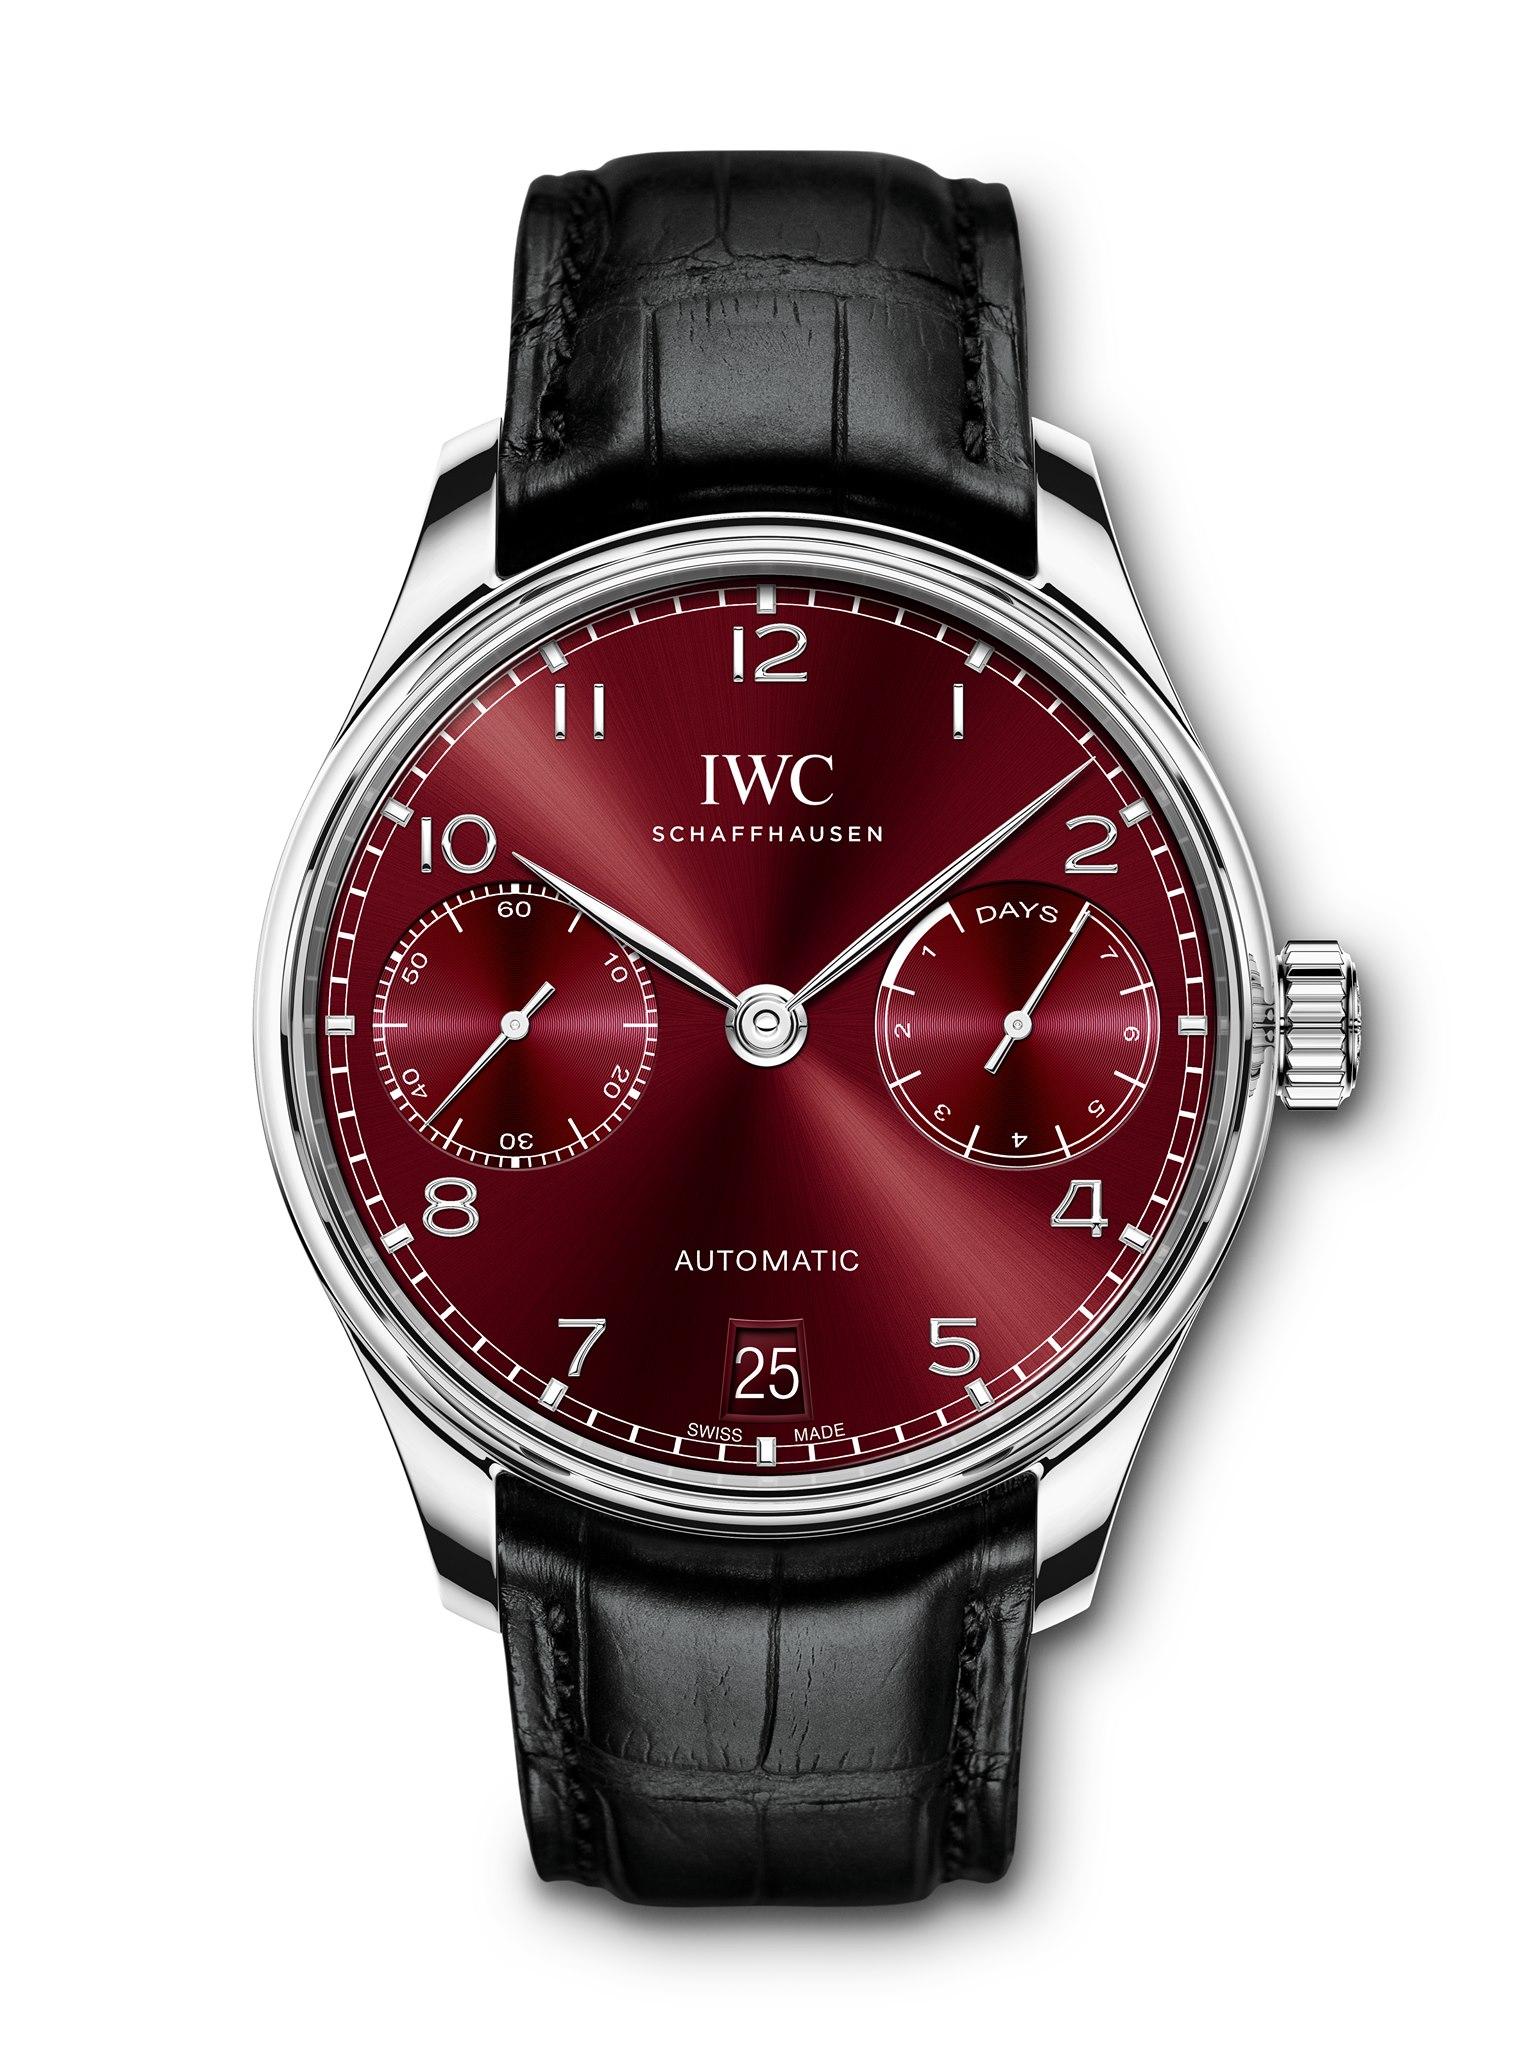 IWC Schaffhausen Portugieser - boutique edition burgundi